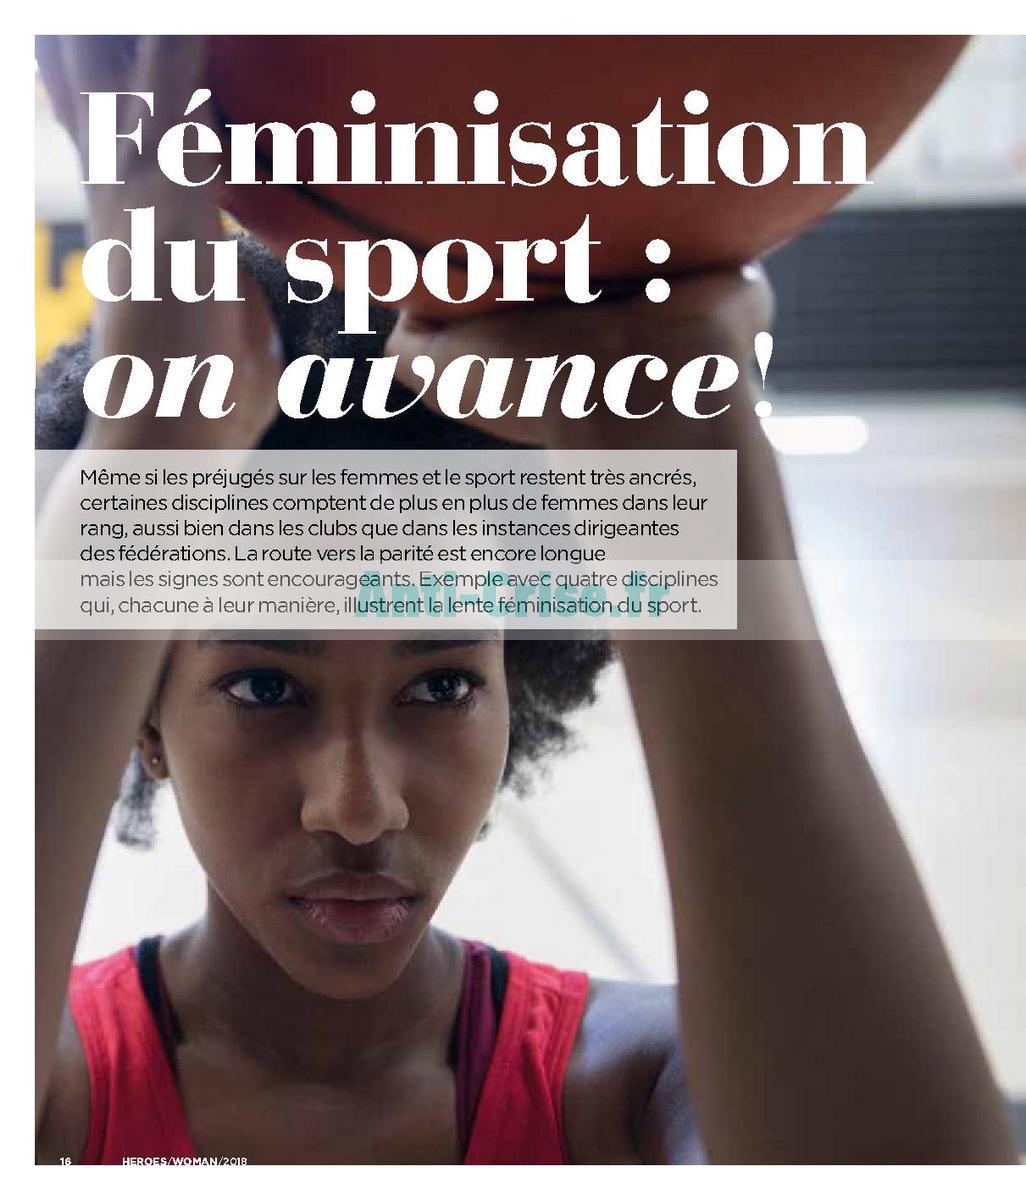 decembre2018 Catalogue Go Sport du 28 avril au 31 décembre 2018 (Spécial Femme) (16)